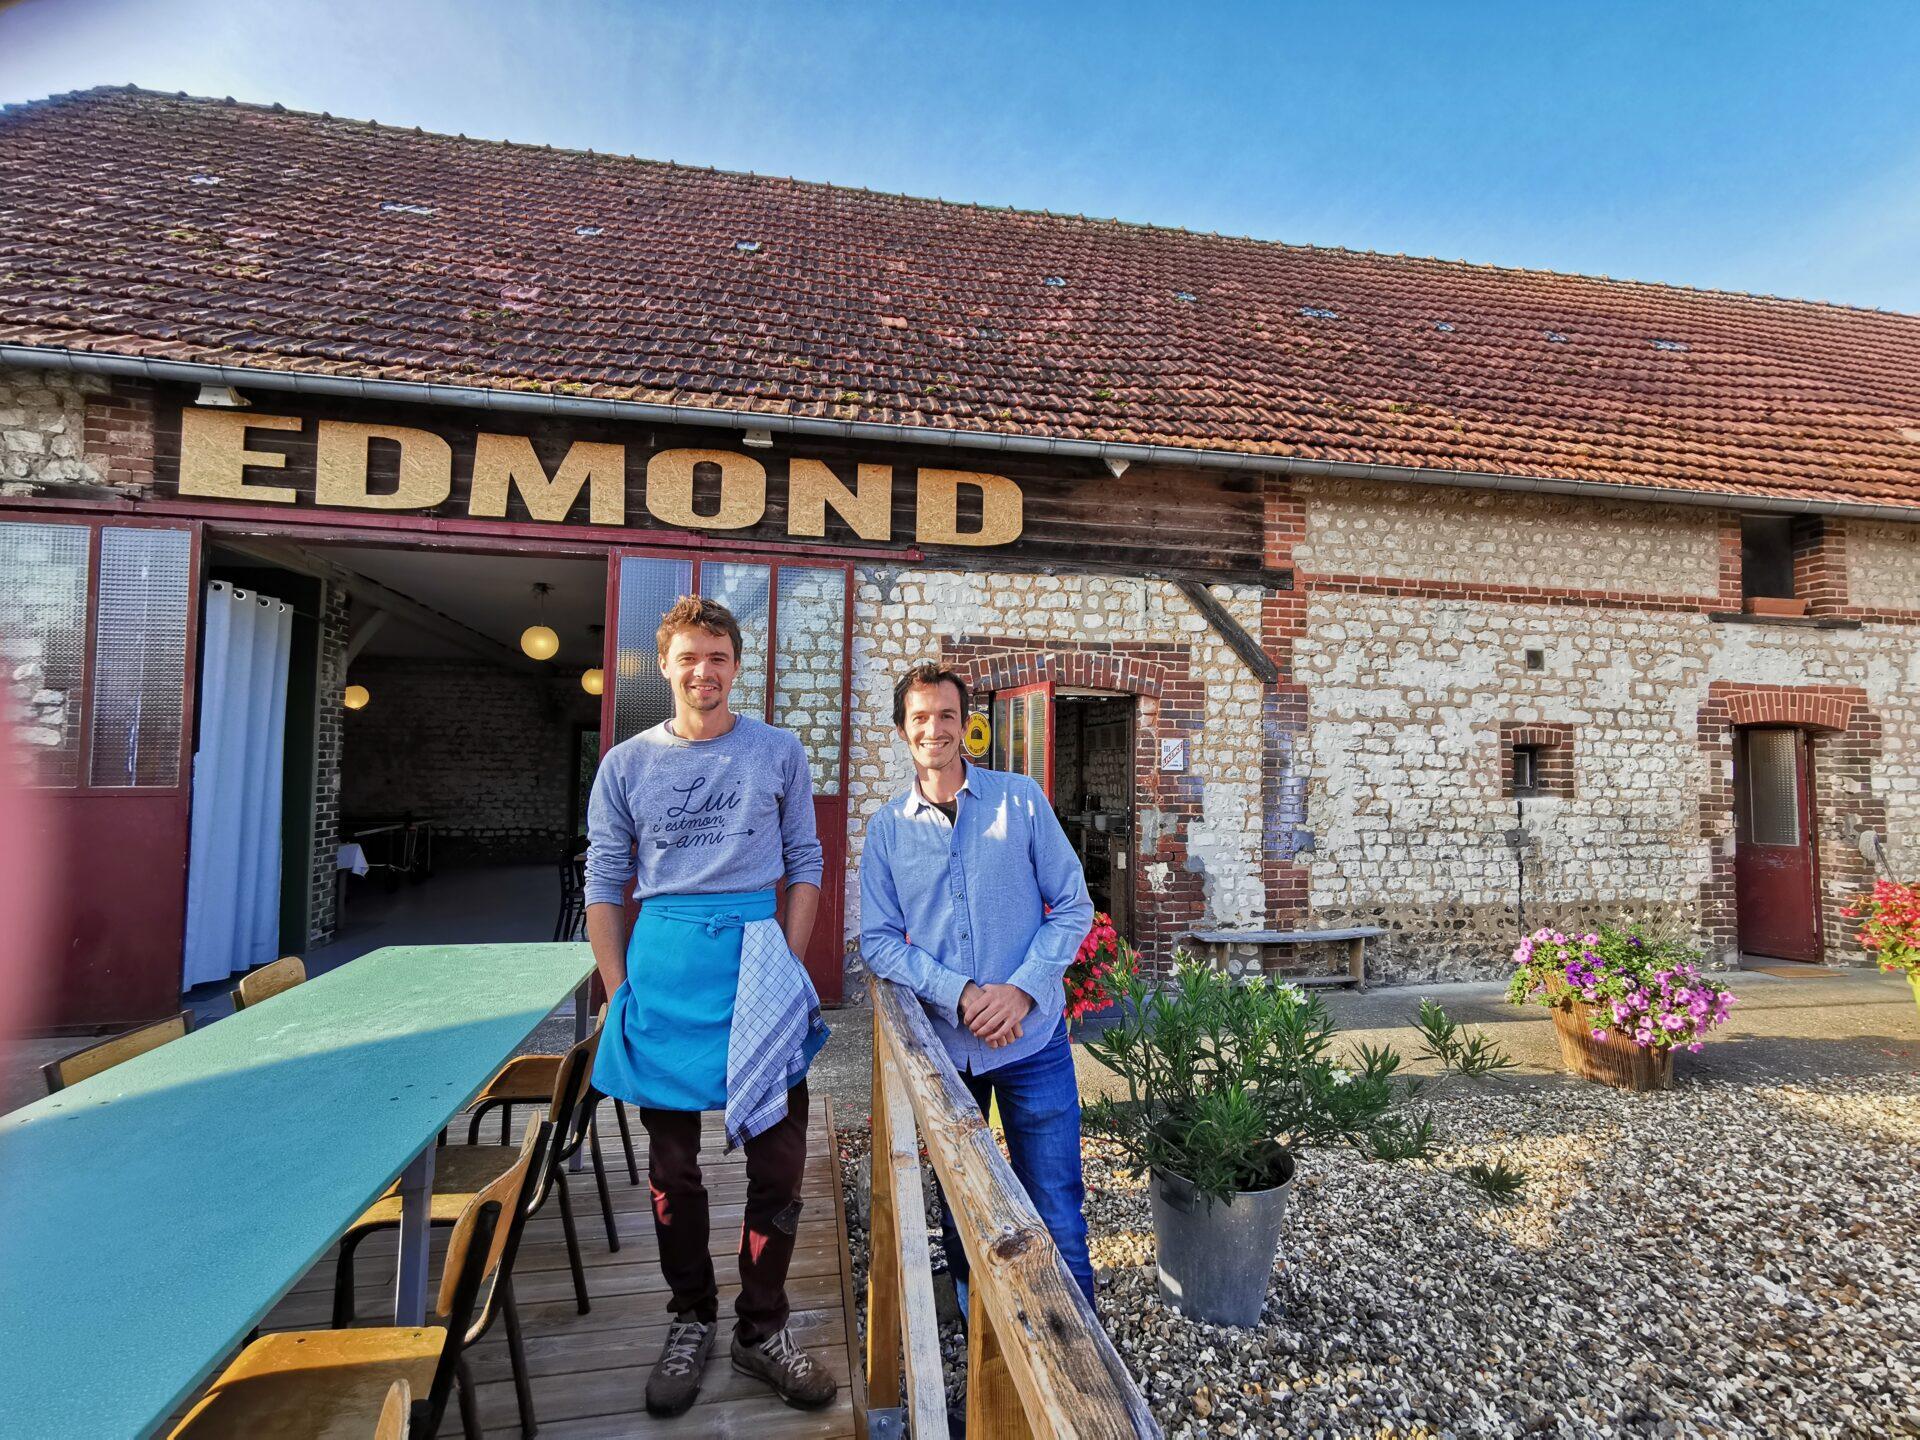 Edmond ou les saveurs de l'amitié